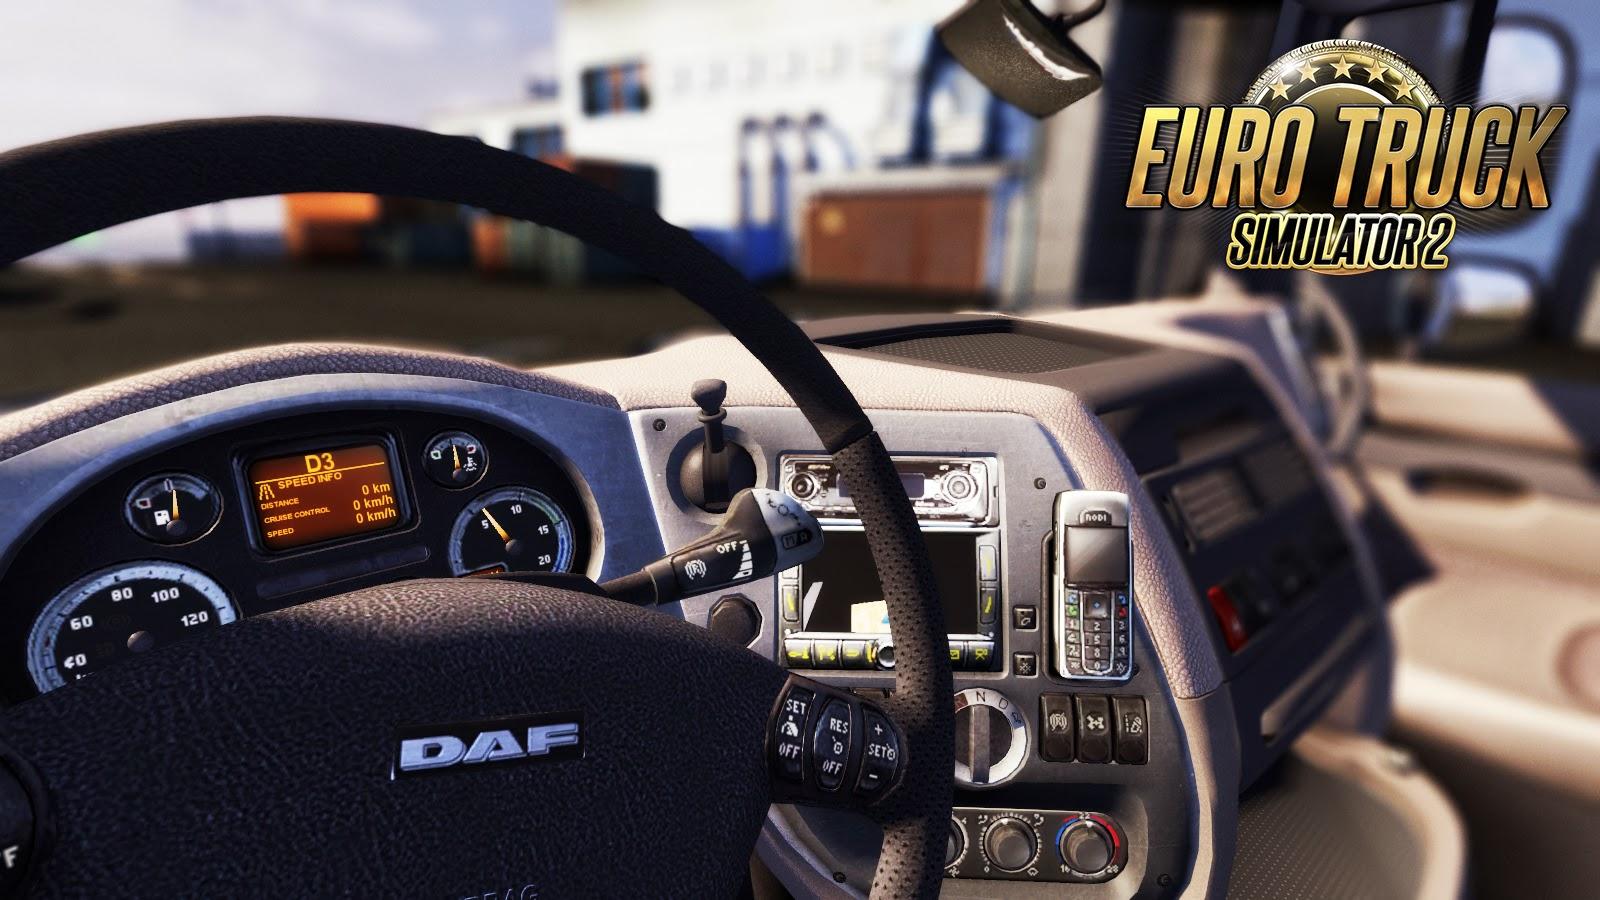 Euro truck simulator 2 serial code generator